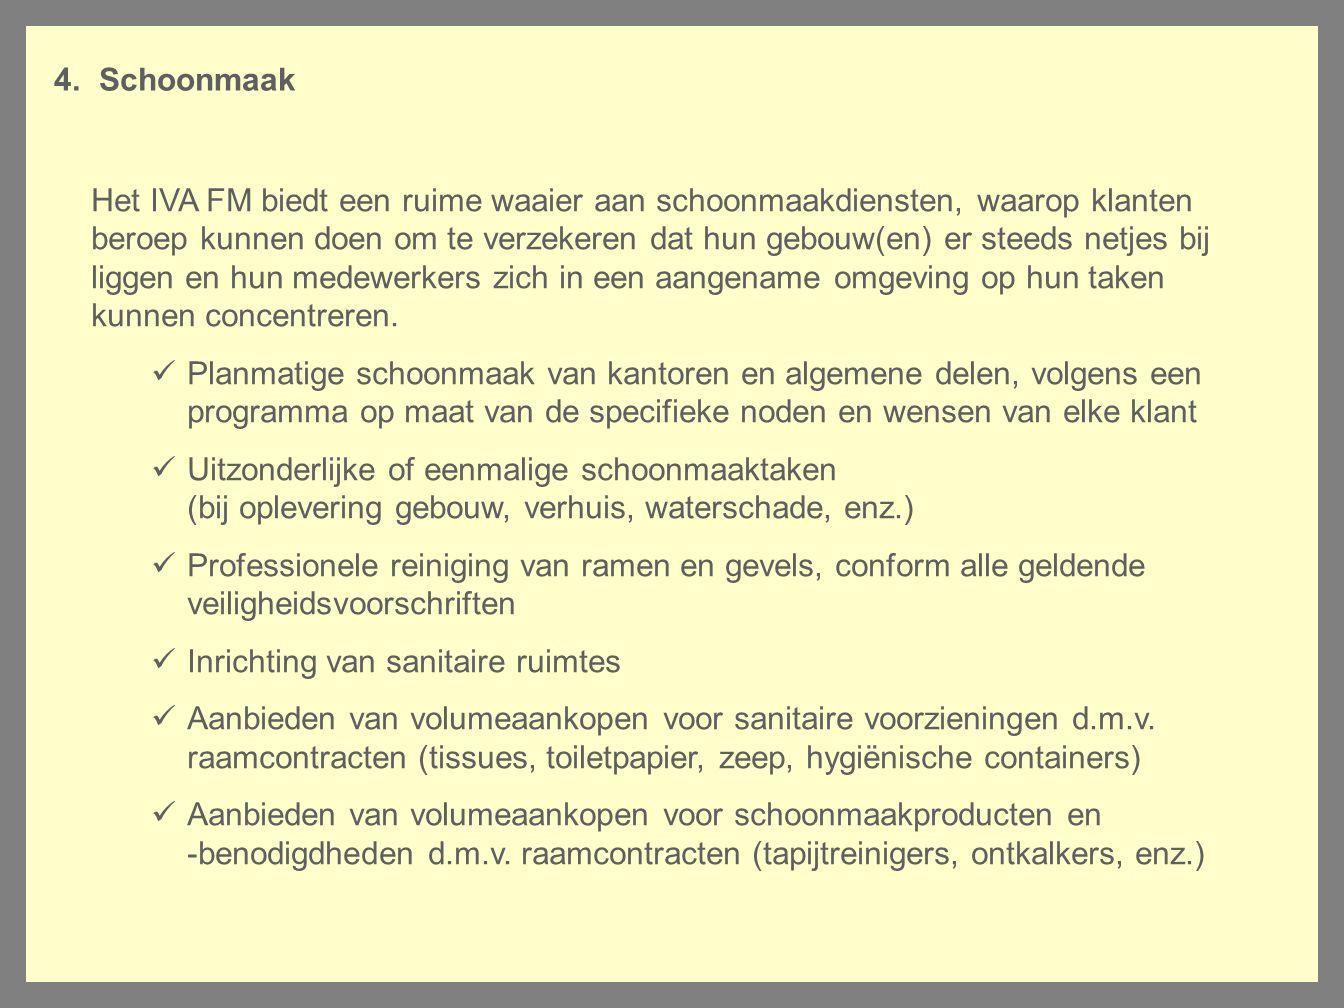 4. Schoonmaak Het IVA FM biedt een ruime waaier aan schoonmaakdiensten, waarop klanten beroep kunnen doen om te verzekeren dat hun gebouw(en) er steed